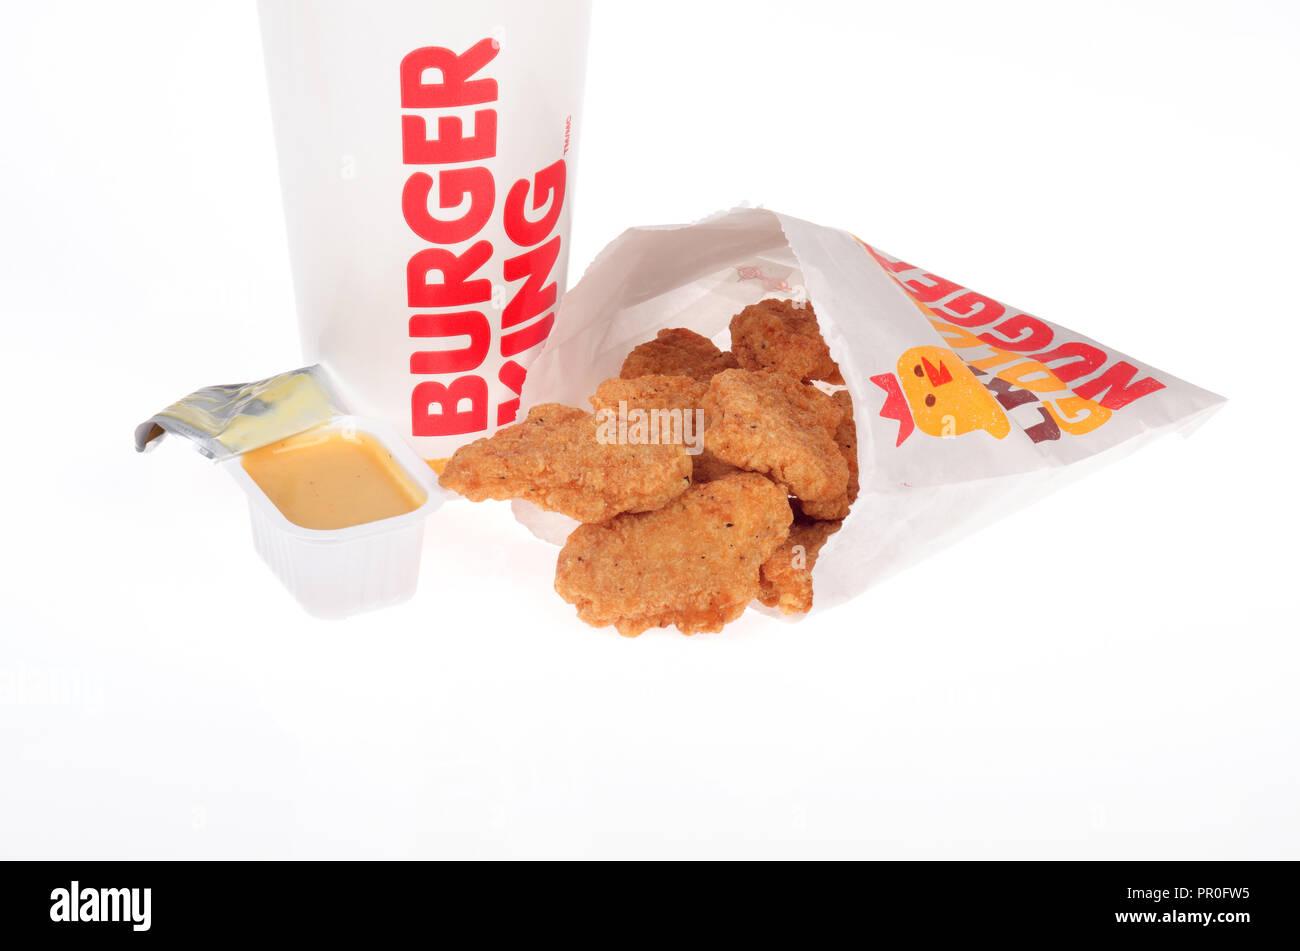 Burger King pepite di pollo con miele di senape salsa di immersione e un drink cup Immagini Stock